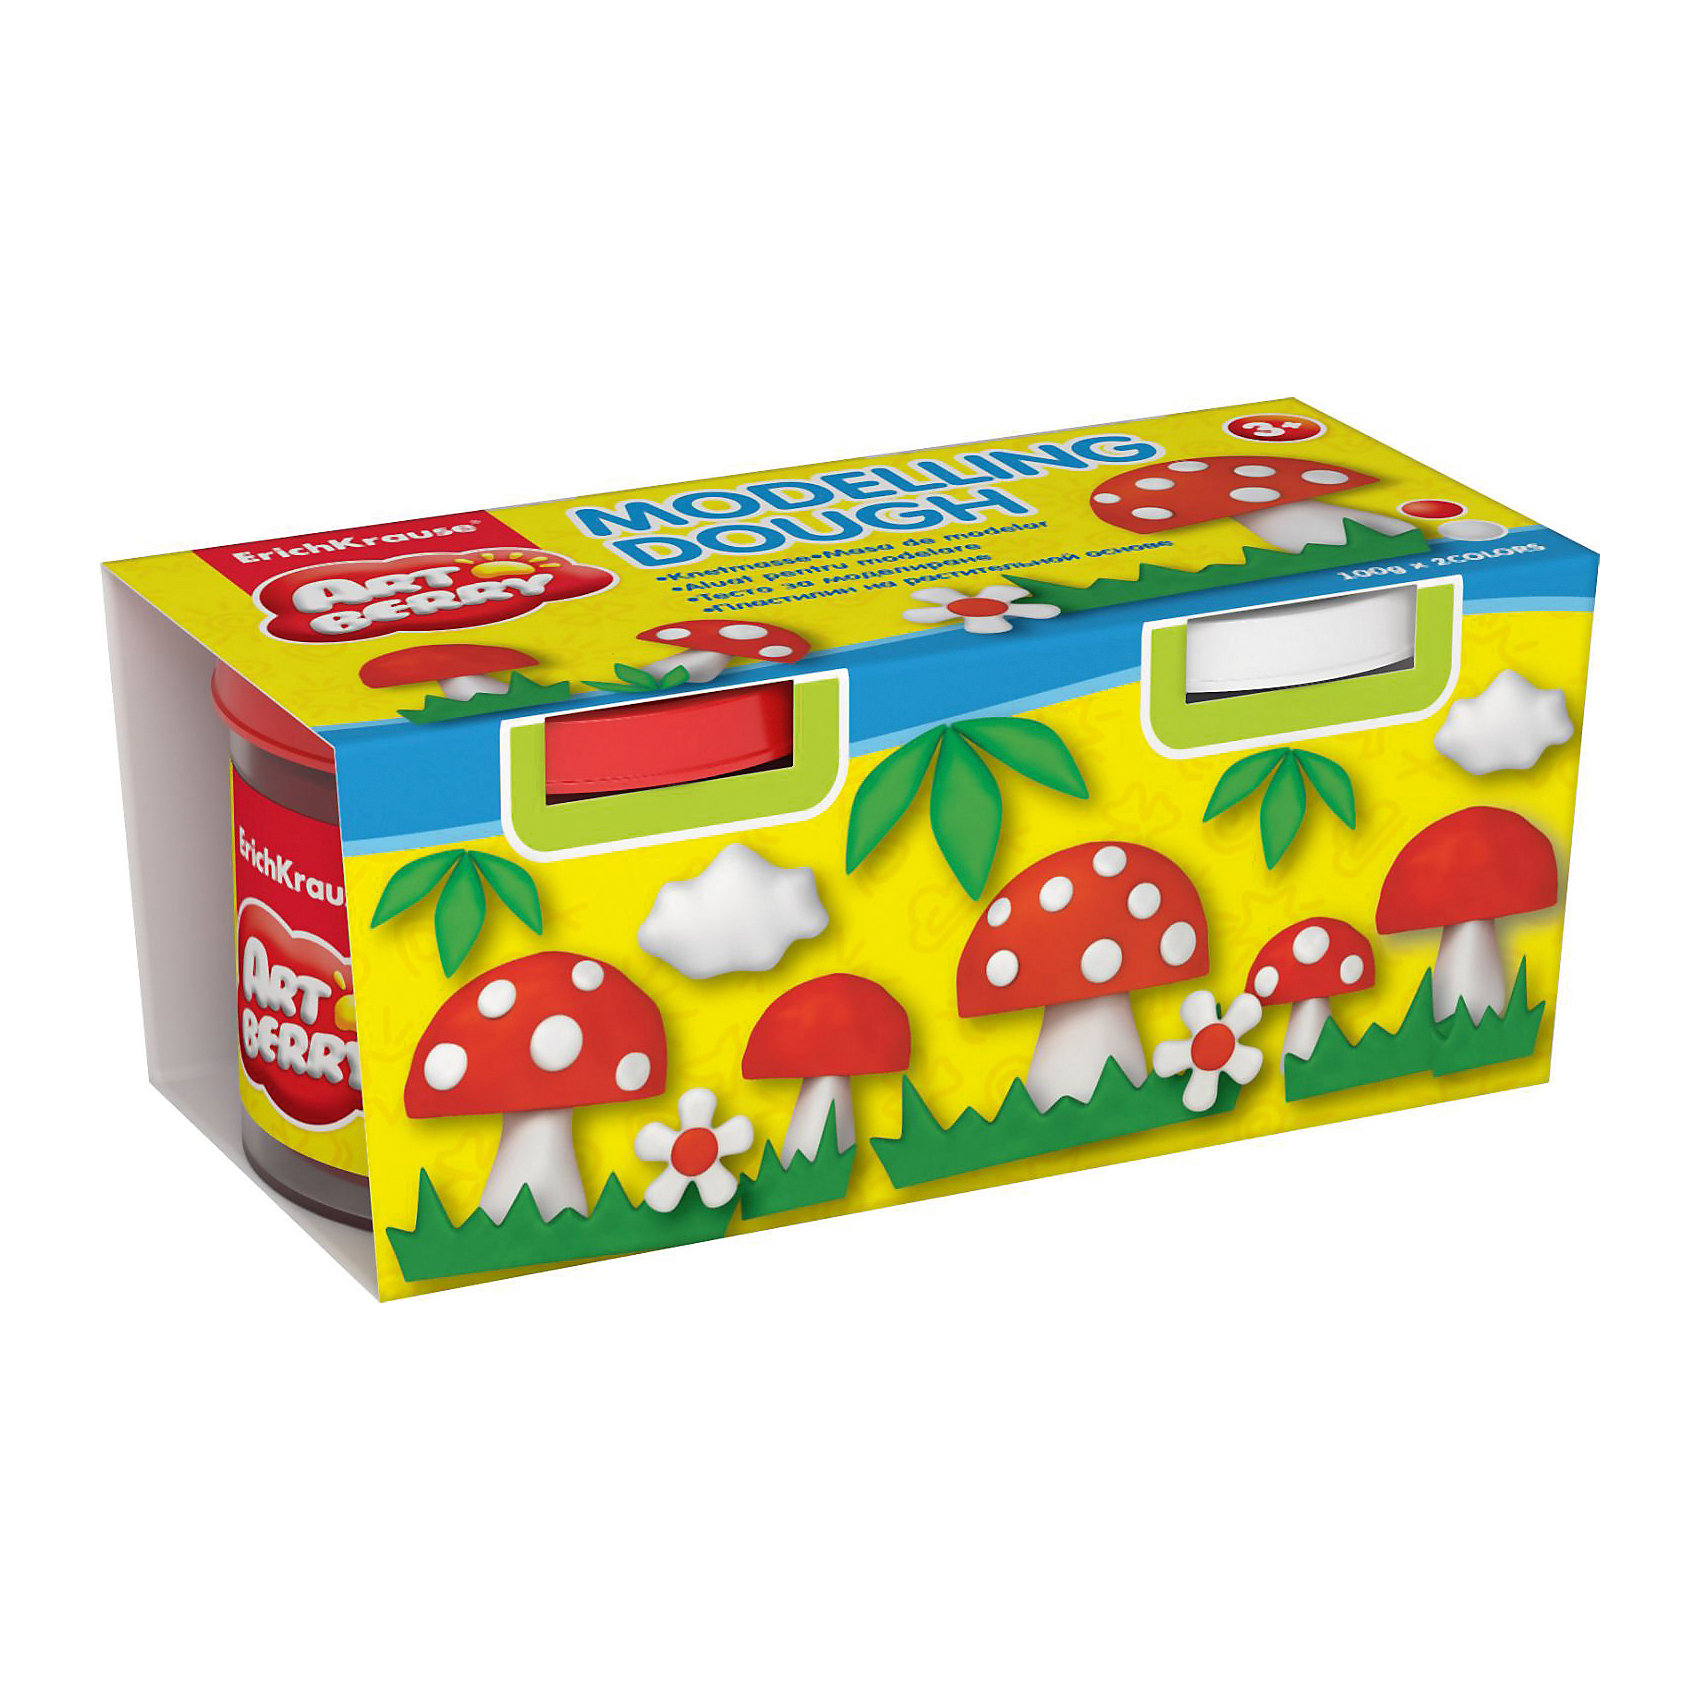 Пластилин на растительной основе Modelling Dough, 2 цвета по 100г (красный, белый)Пластилин на растит. основе Modelling Dough, 2 бан/100г крас+бел, карт.рукав<br><br>Ширина мм: 130<br>Глубина мм: 55<br>Высота мм: 57<br>Вес г: 253<br>Возраст от месяцев: 60<br>Возраст до месяцев: 216<br>Пол: Унисекс<br>Возраст: Детский<br>SKU: 5409326